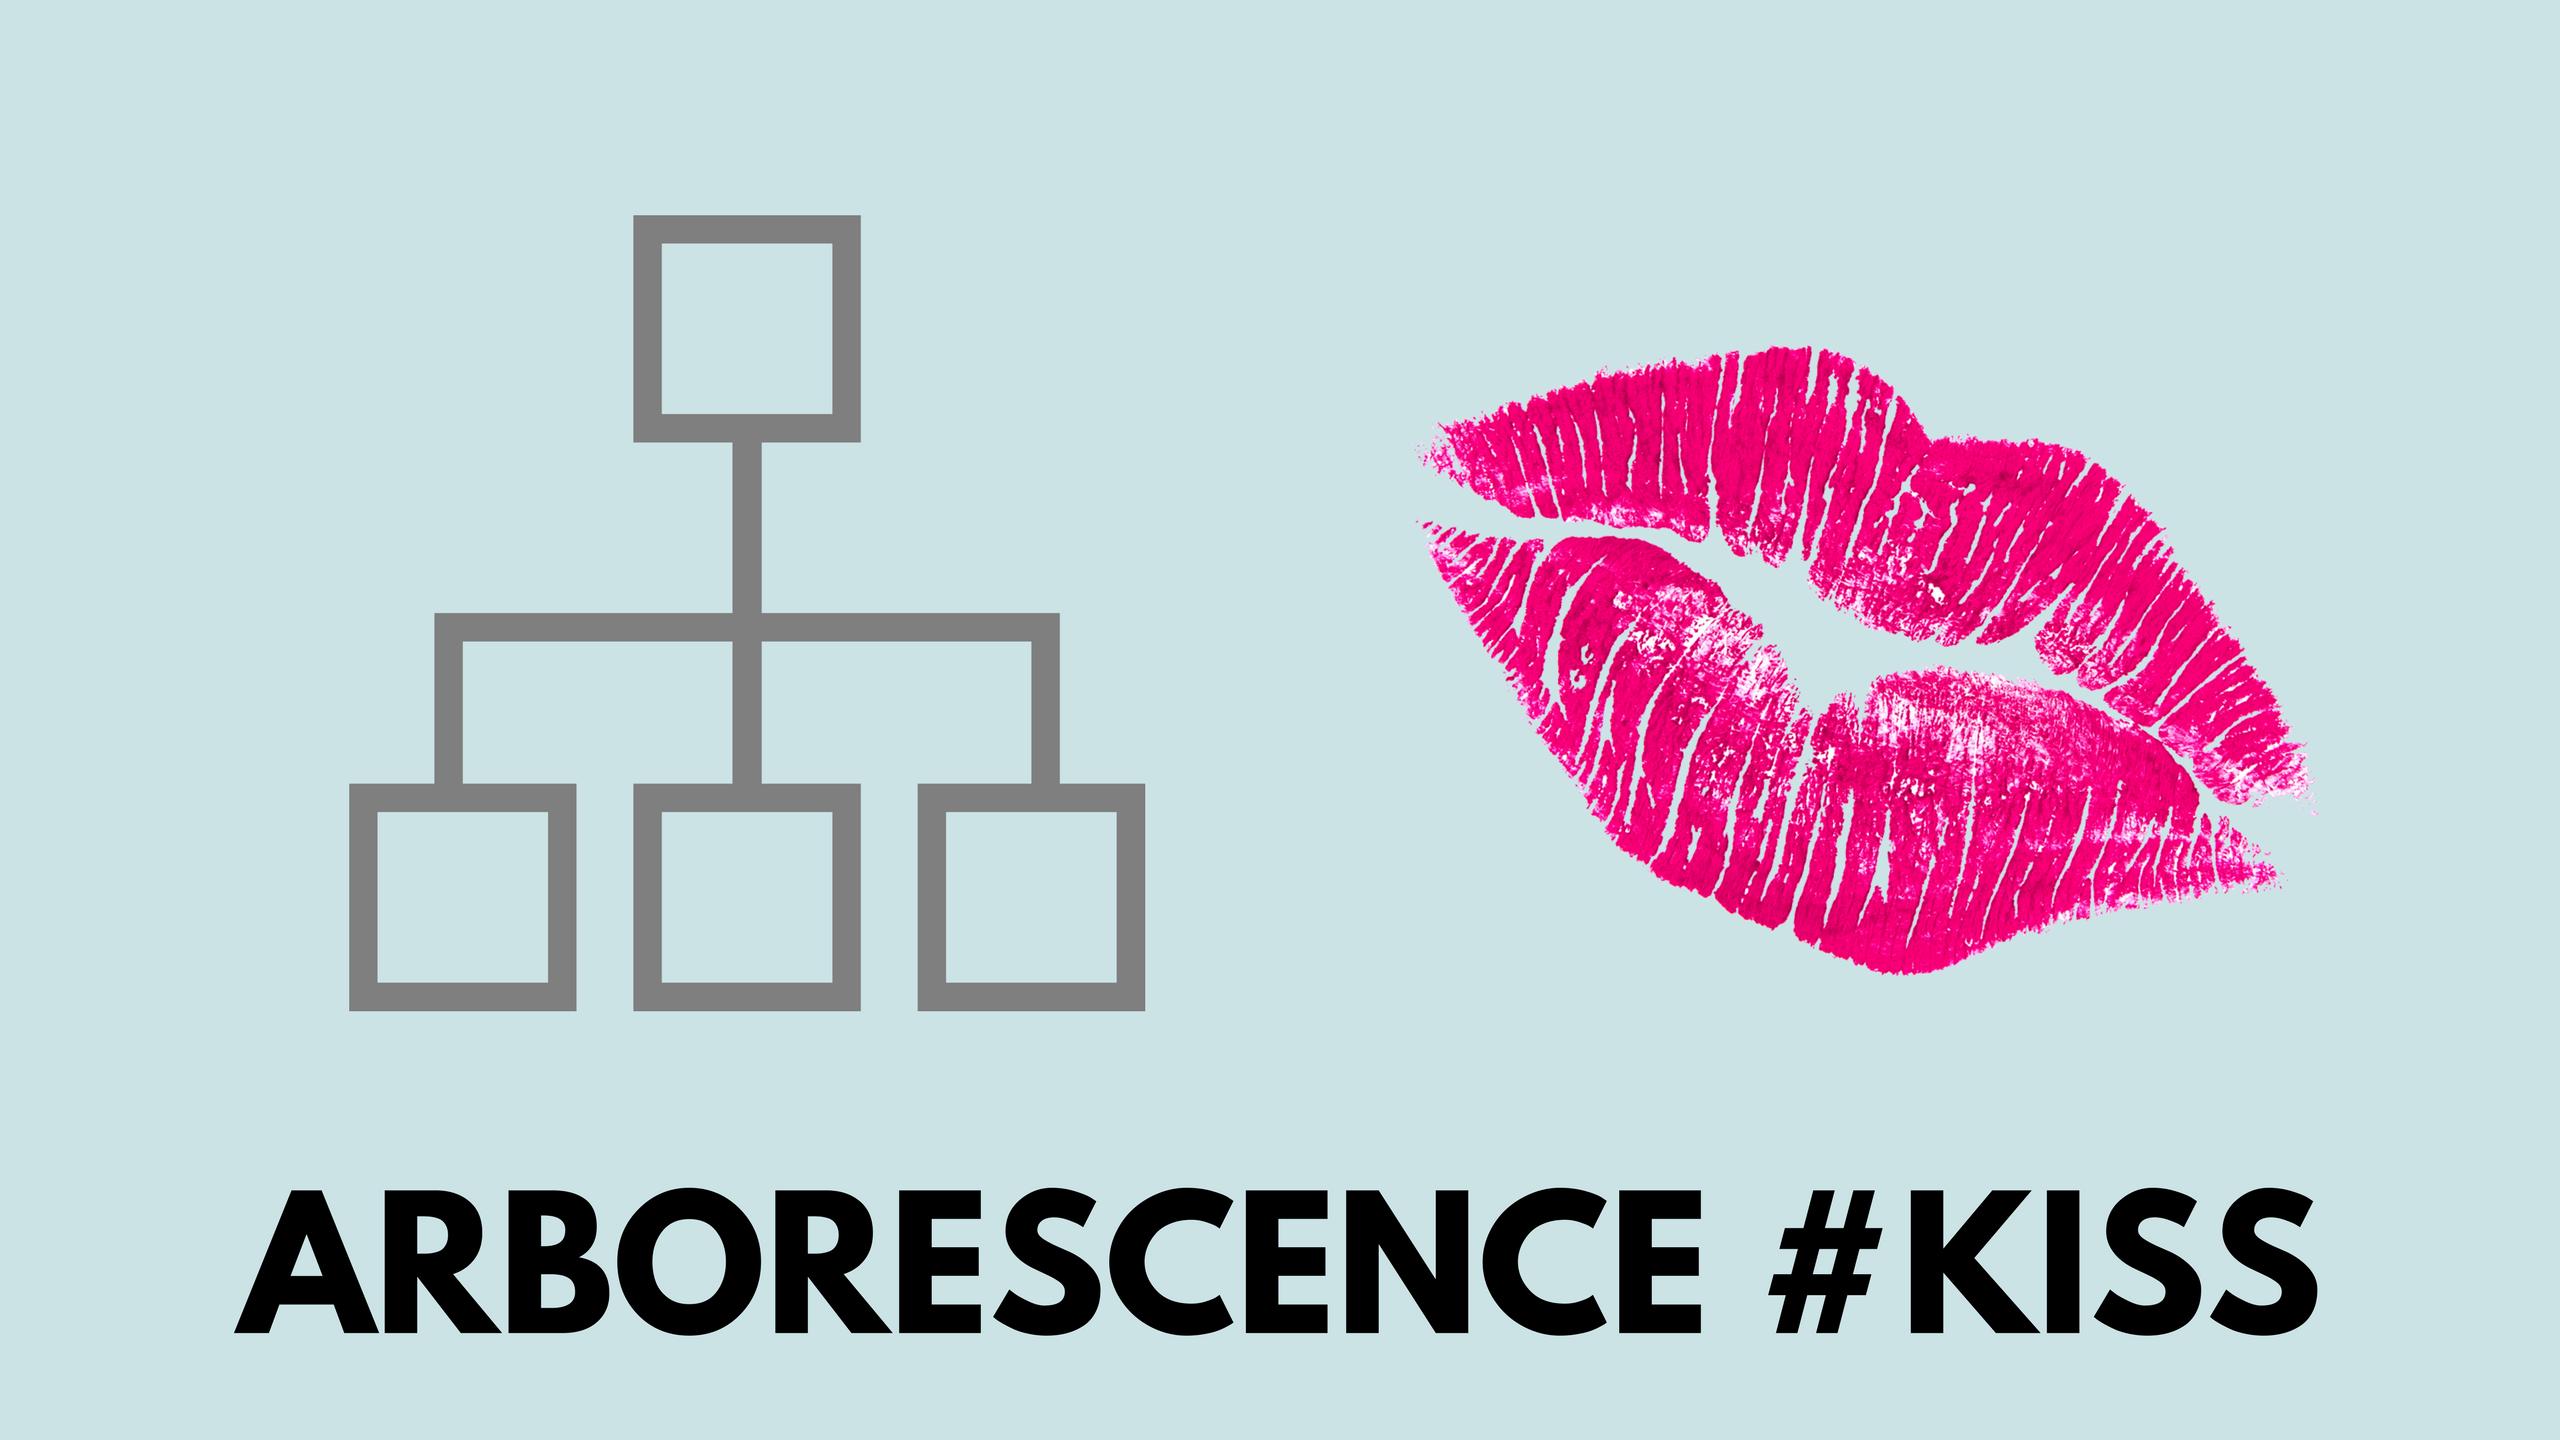 Créer une arborescence en mode #KISS